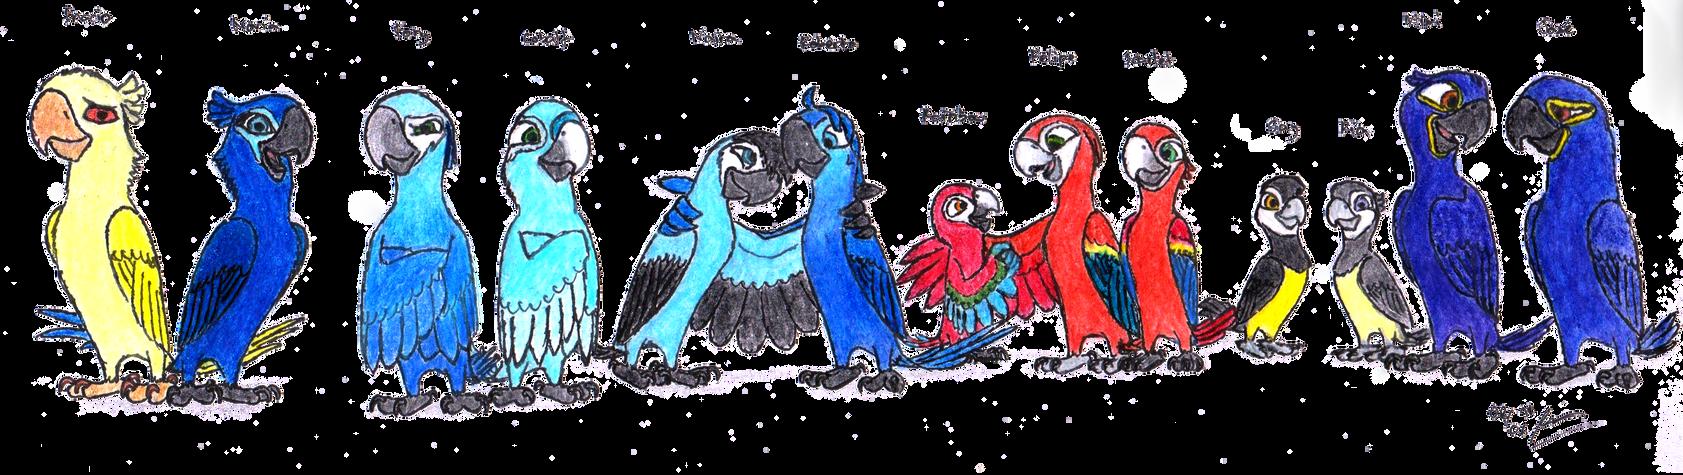 rio 2 birds names